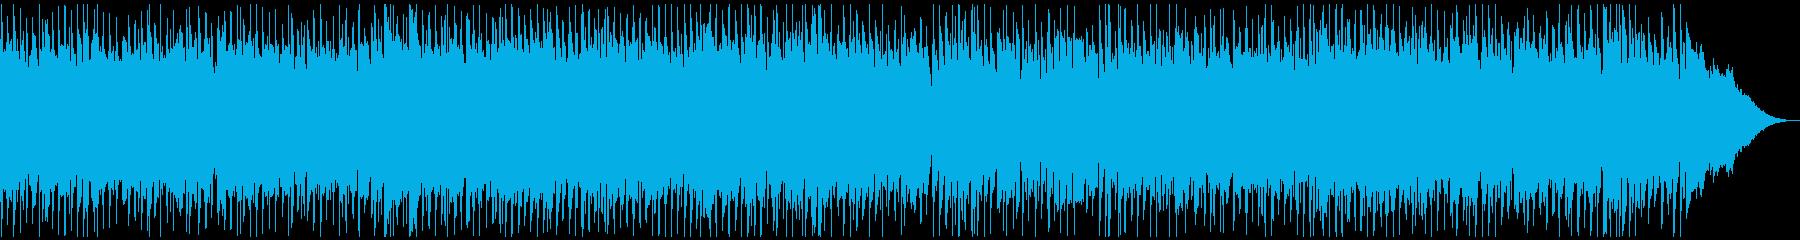 生音エレキギターの元気一杯ロックンロールの再生済みの波形